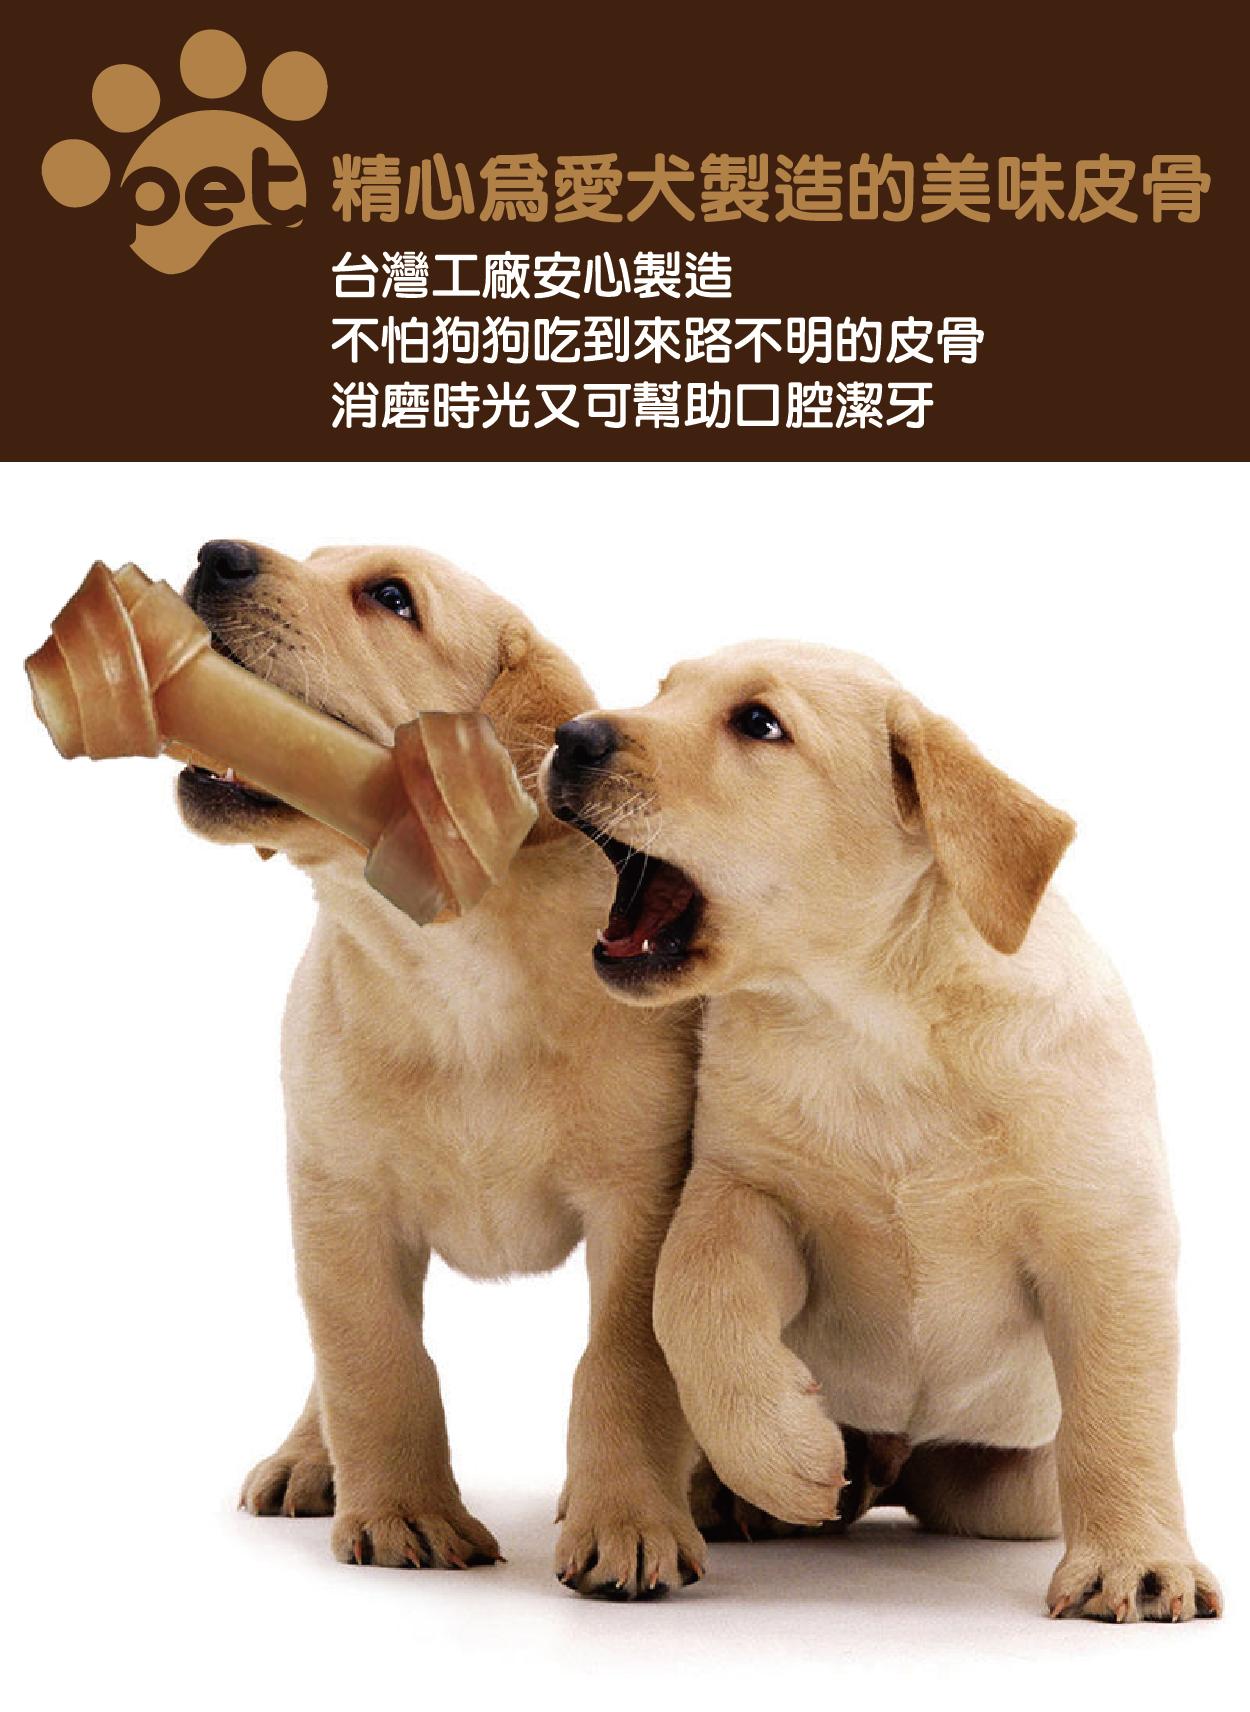 精心為愛犬製造的美味潔牙骨丨全球寵物幫助毛小孩牙齒的健康與發育